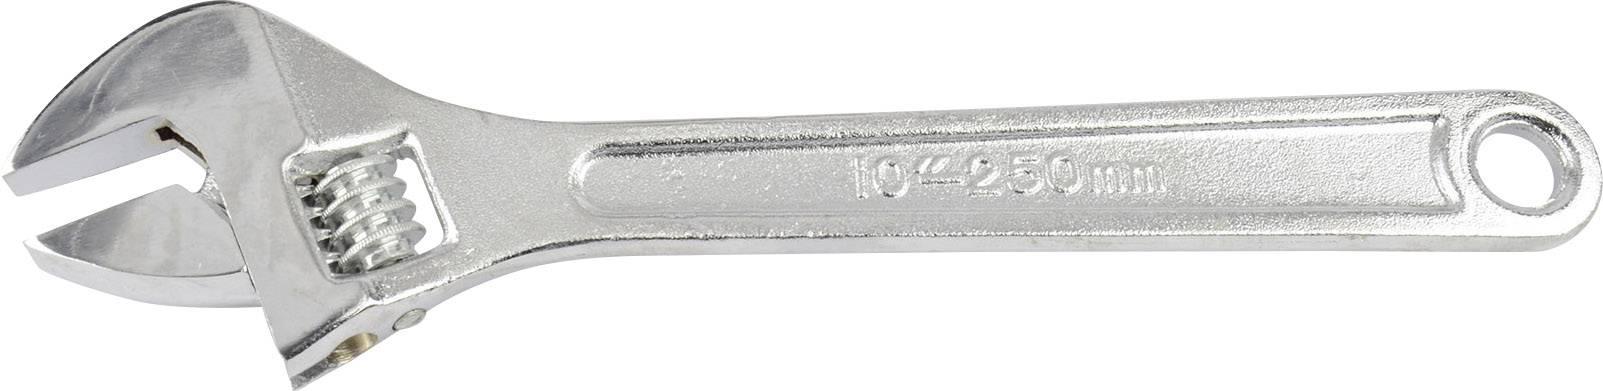 Nastavitelný klíč Mannesmann, 0 až 28 mm, délka 250 mm